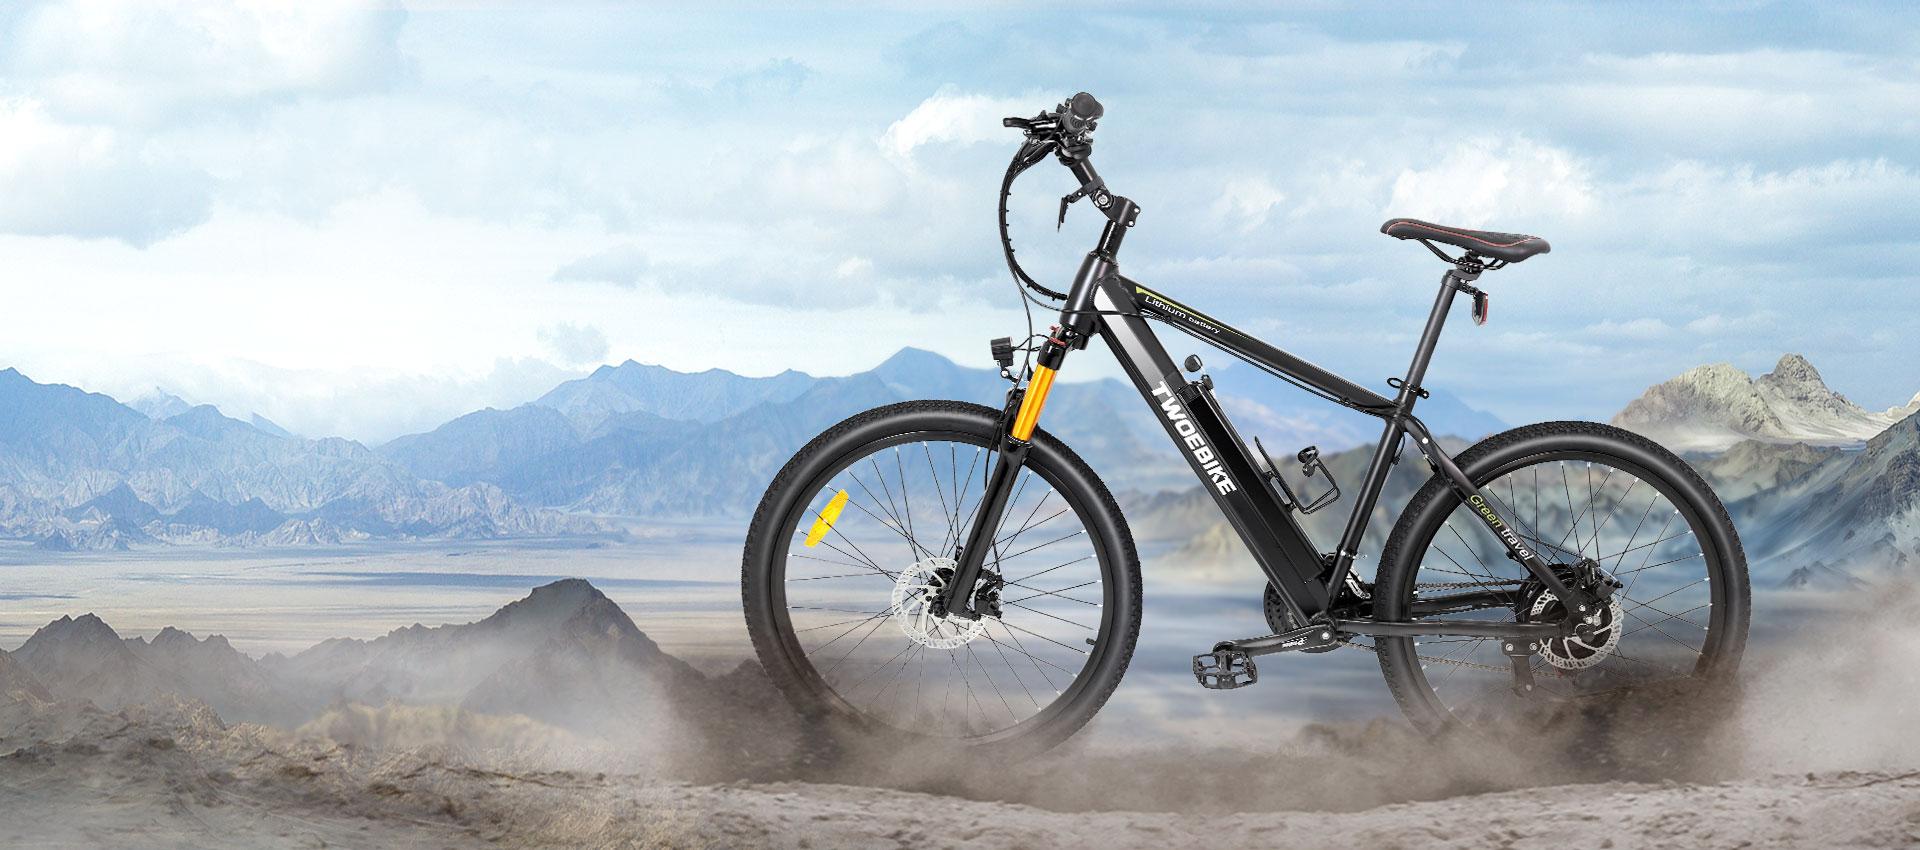 Bafang motor e-bike